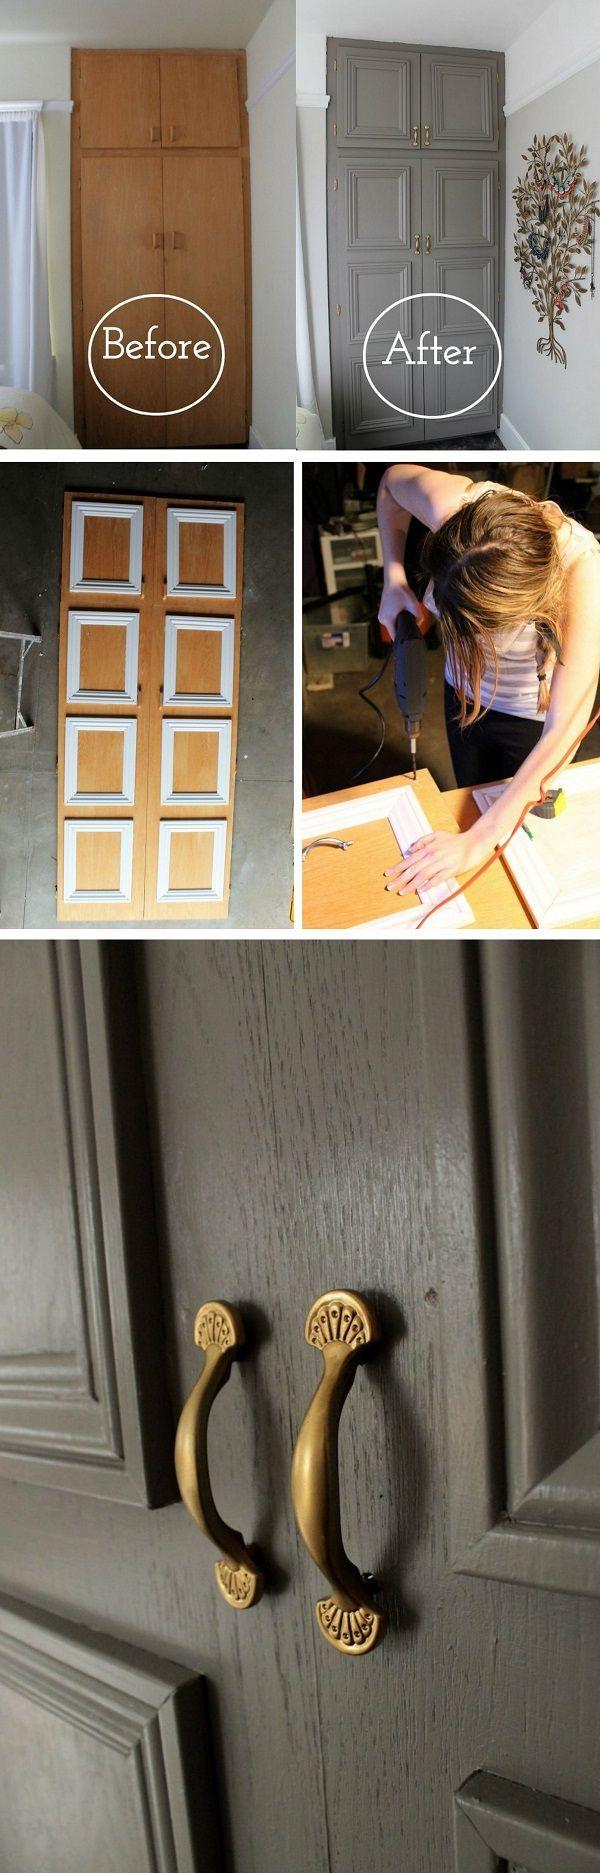 16 einfache DIY-Türprojekte für erstaunliches Dekor auf einem Etat